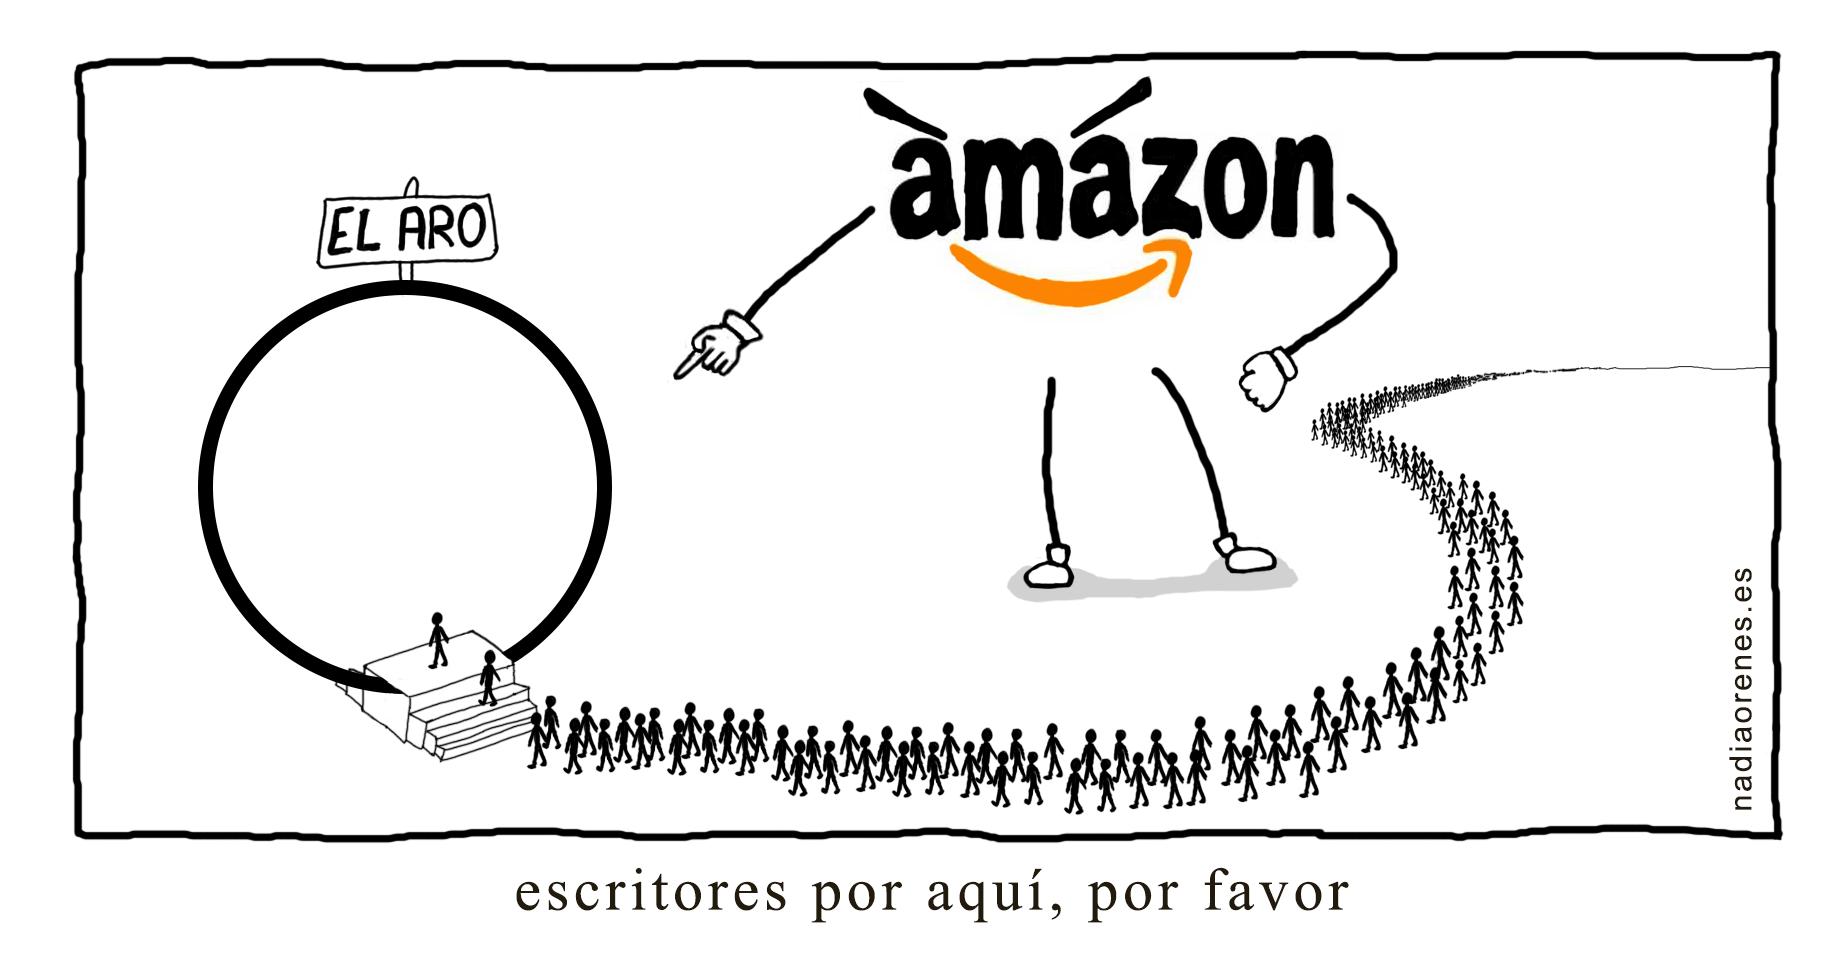 Un gigante formado con el logo de Amazon indica a una fila interminable de escritores que pasen por el aro.